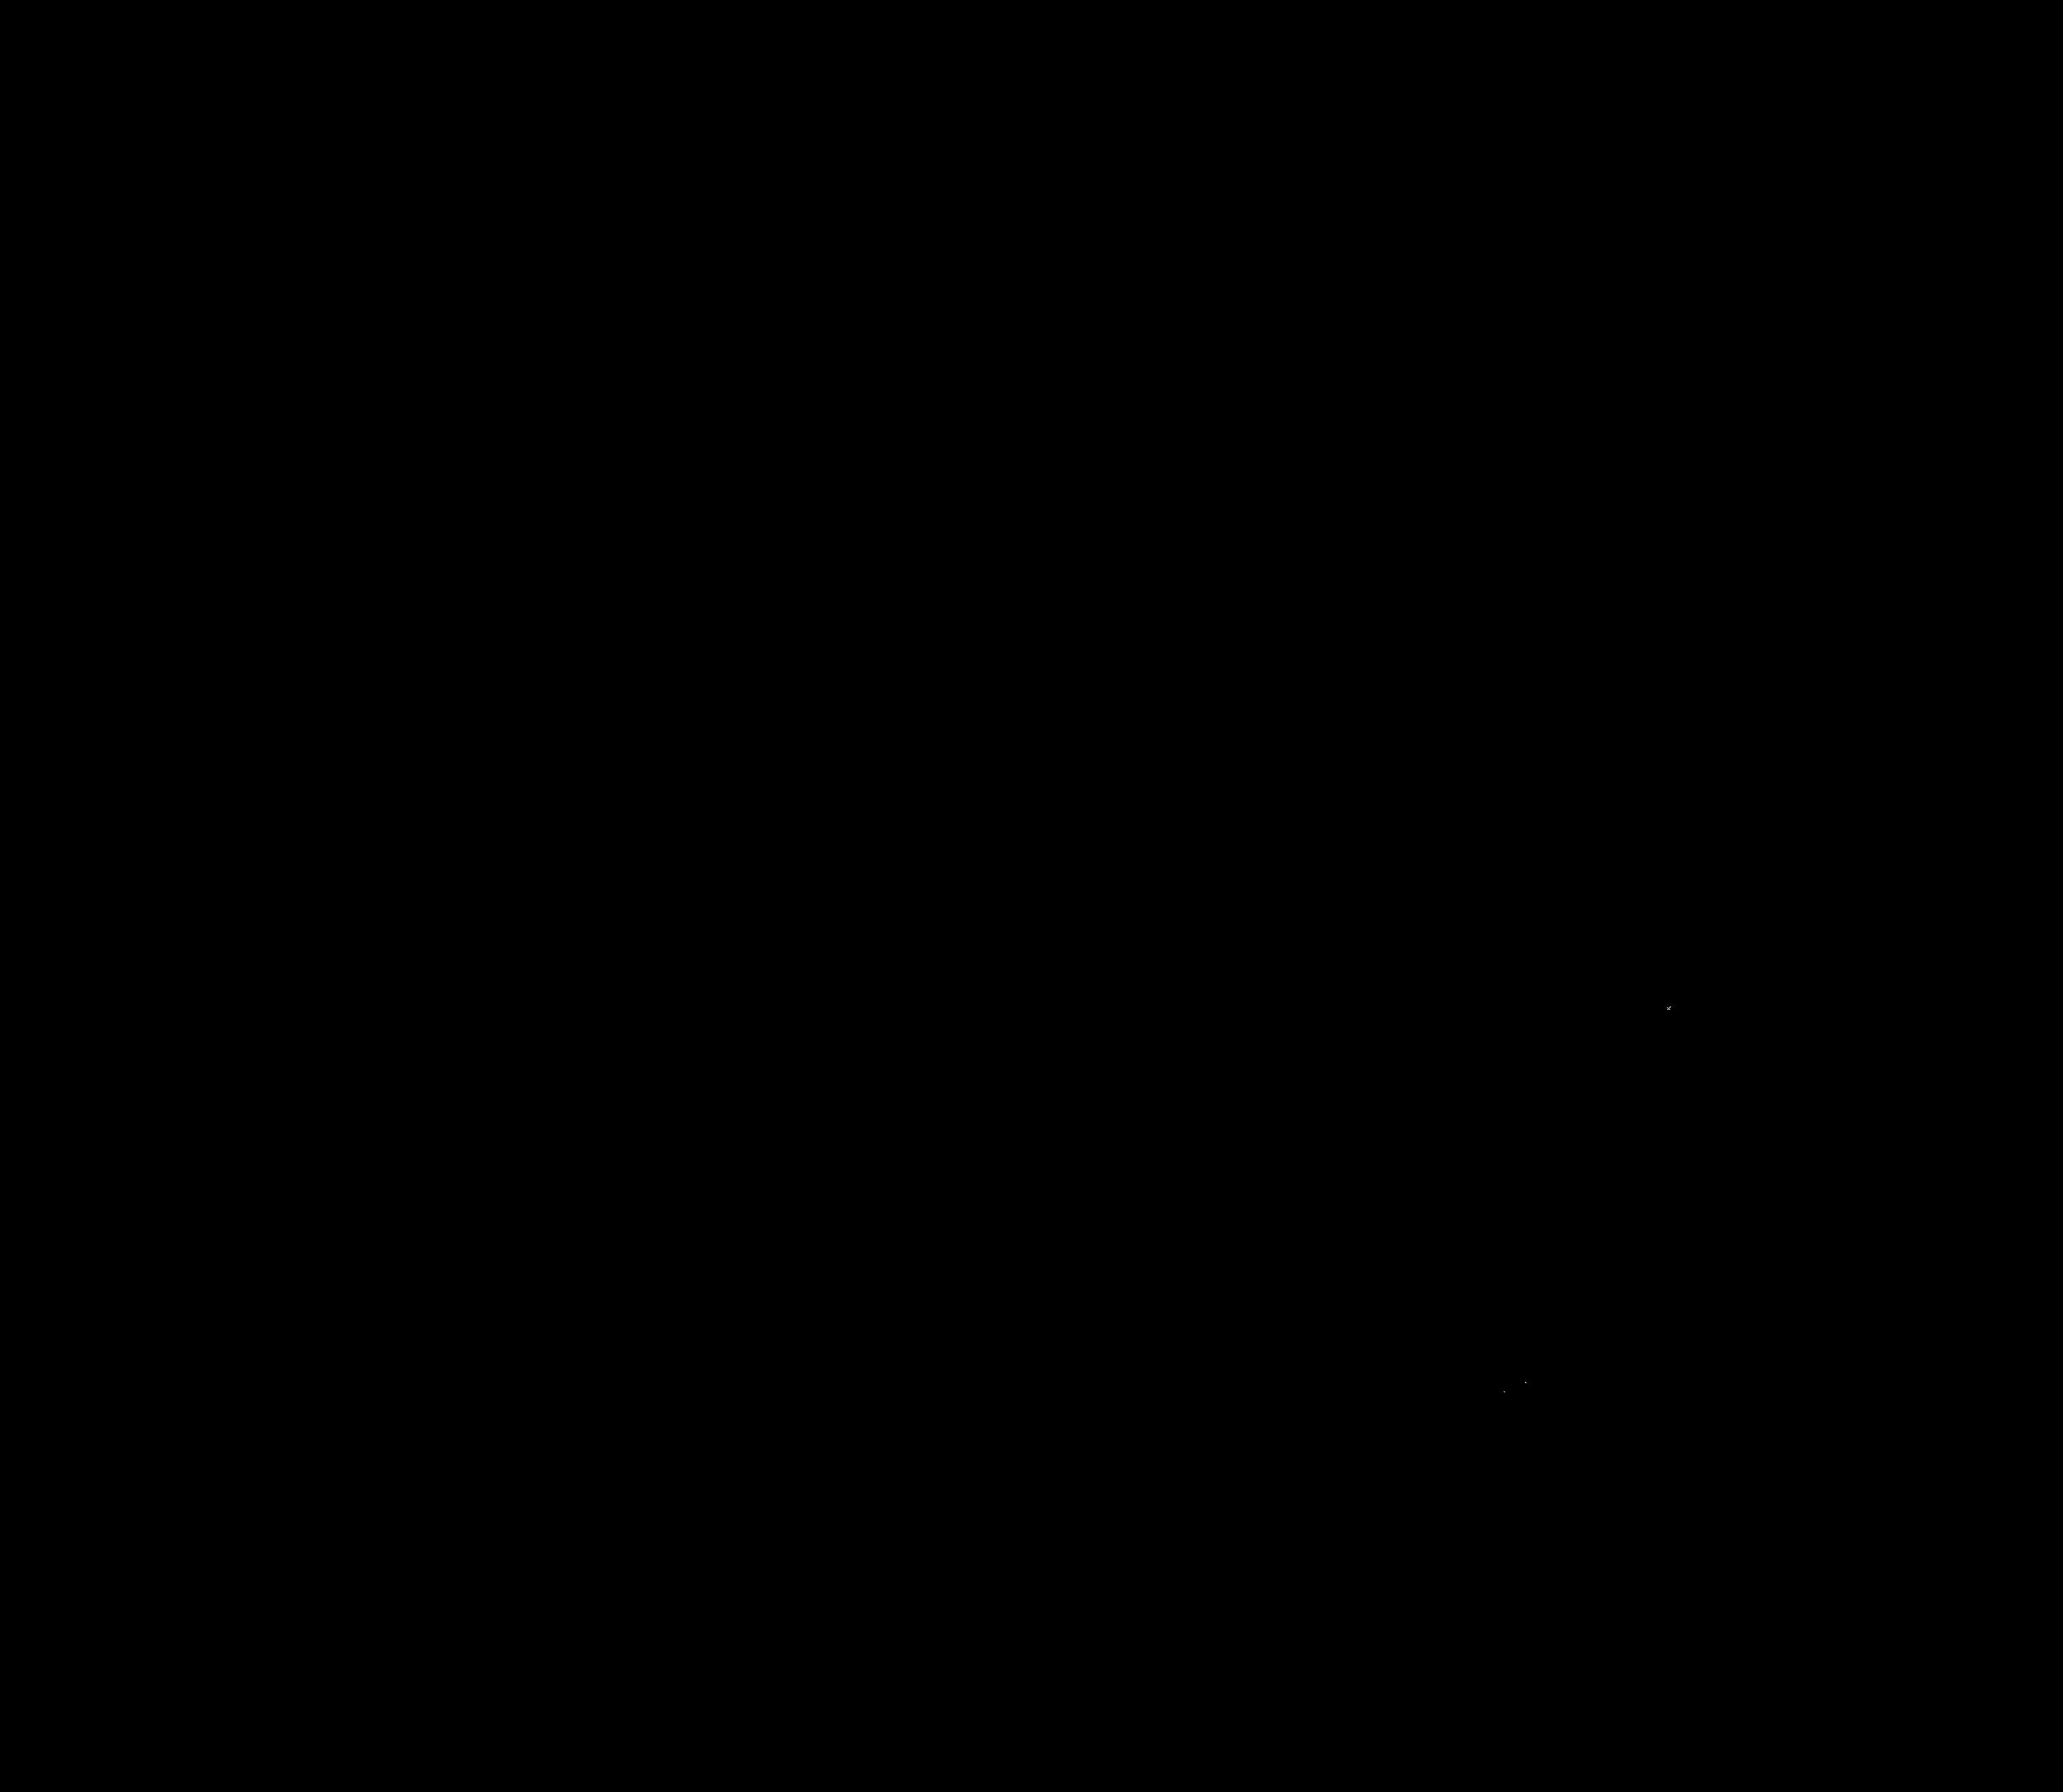 spilledskinblack-02.png